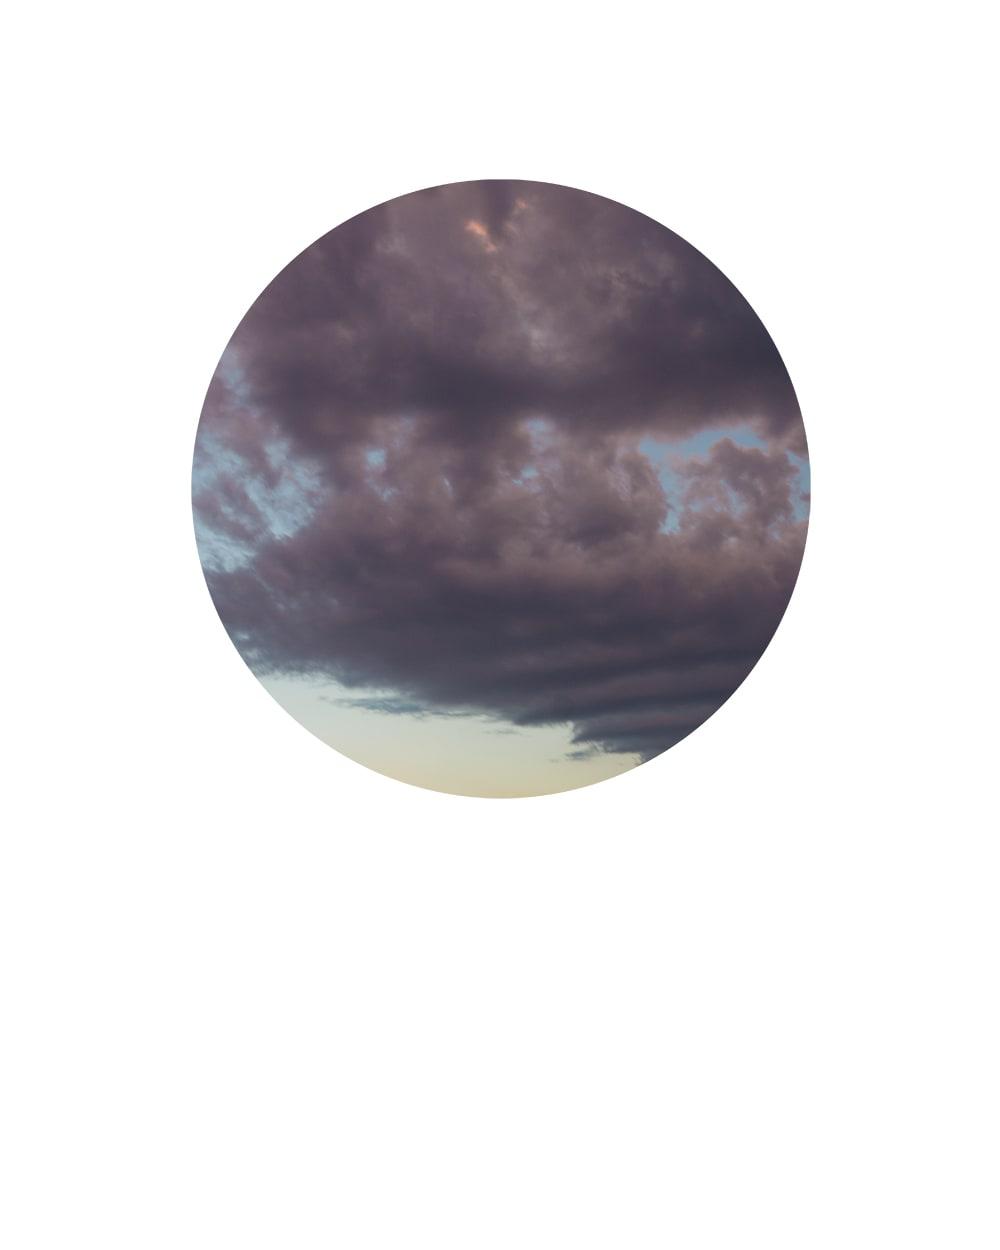 Dune Alford, Void 3, 2019